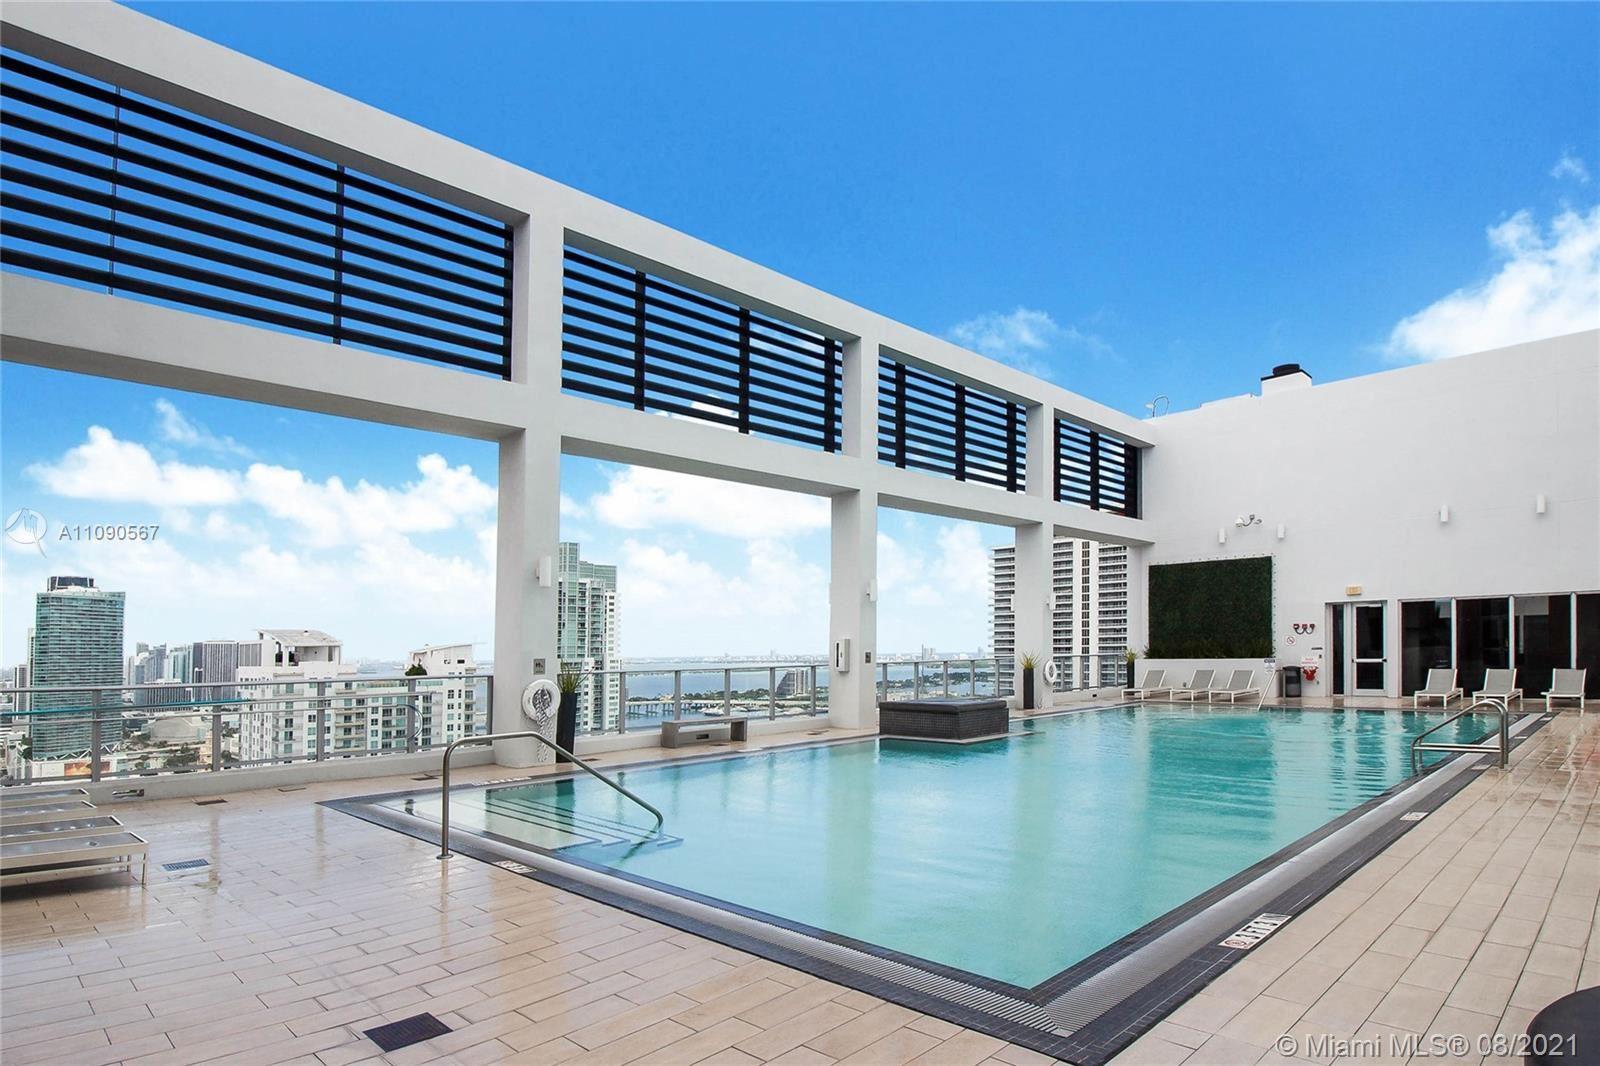 151 SE 1st St #1508, Miami, FL 33131 - #: A11090567